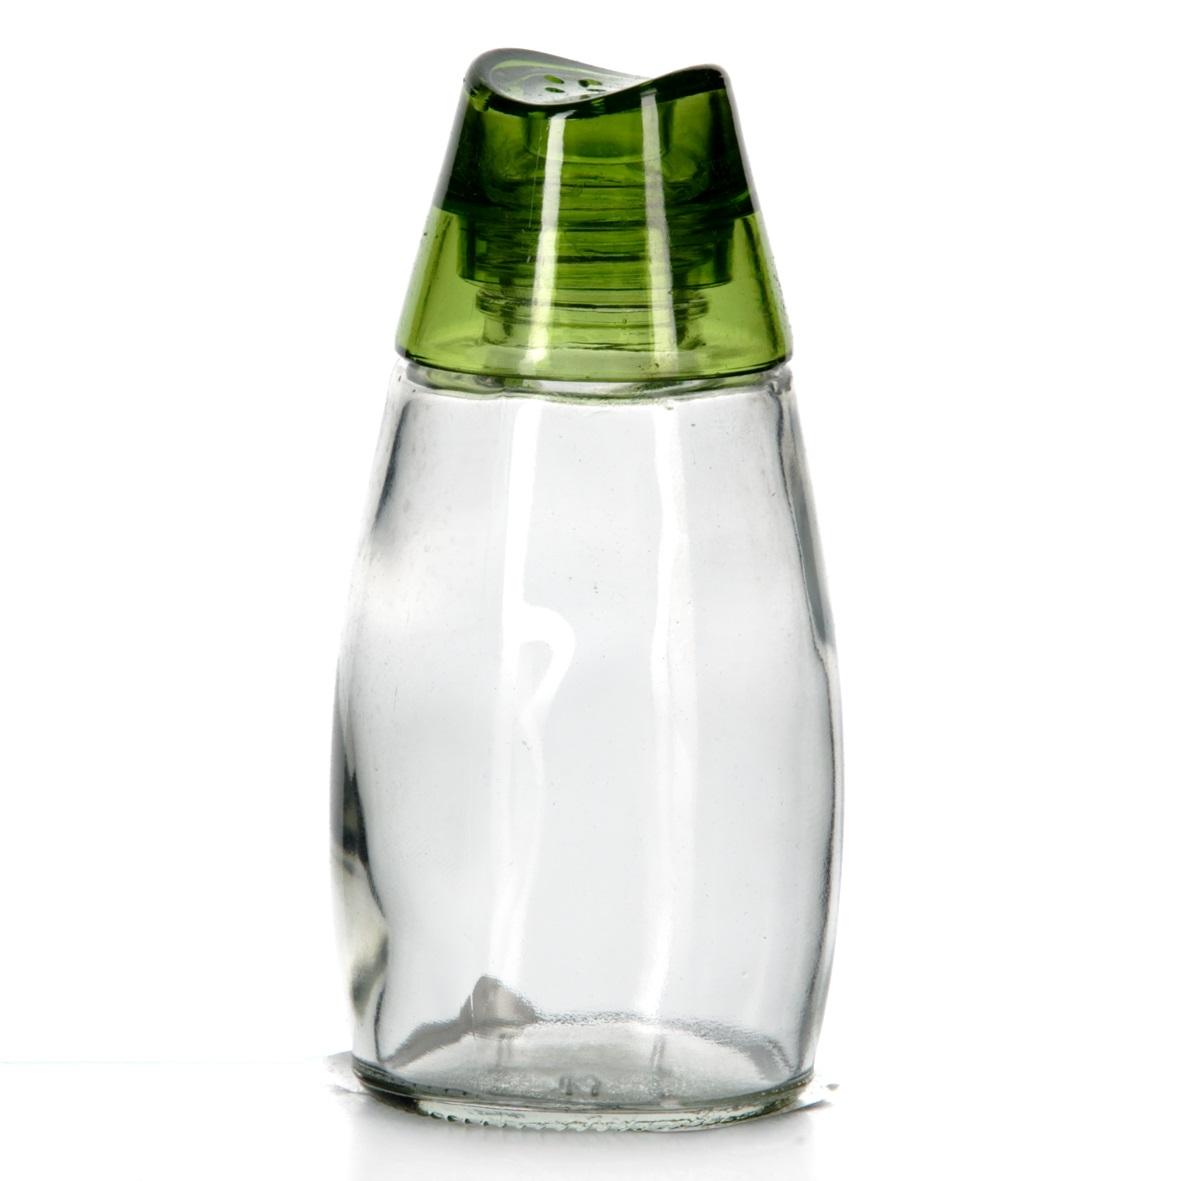 Солонка Herevin, цвет: зеленый, 105 мл. 121135-400121135-400Солонка Herevin выполнена из прозрачного стекла и оснащена пластиковой цветной крышкой с отверстиями, благодаря которым, вы сможете посолить блюда, просто перевернув банку. Крышка легко откручивается, благодаря чему засыпать соль внутрь очень просто. Такая солонка станет достойным дополнением к вашему кухонному инвентарю. Можно мыть в посудомоечной машине. Объем: 105 мл. Диаметр (по верхнему краю): 2 см. Высота солонки (без учета крышки): 9,5 см.